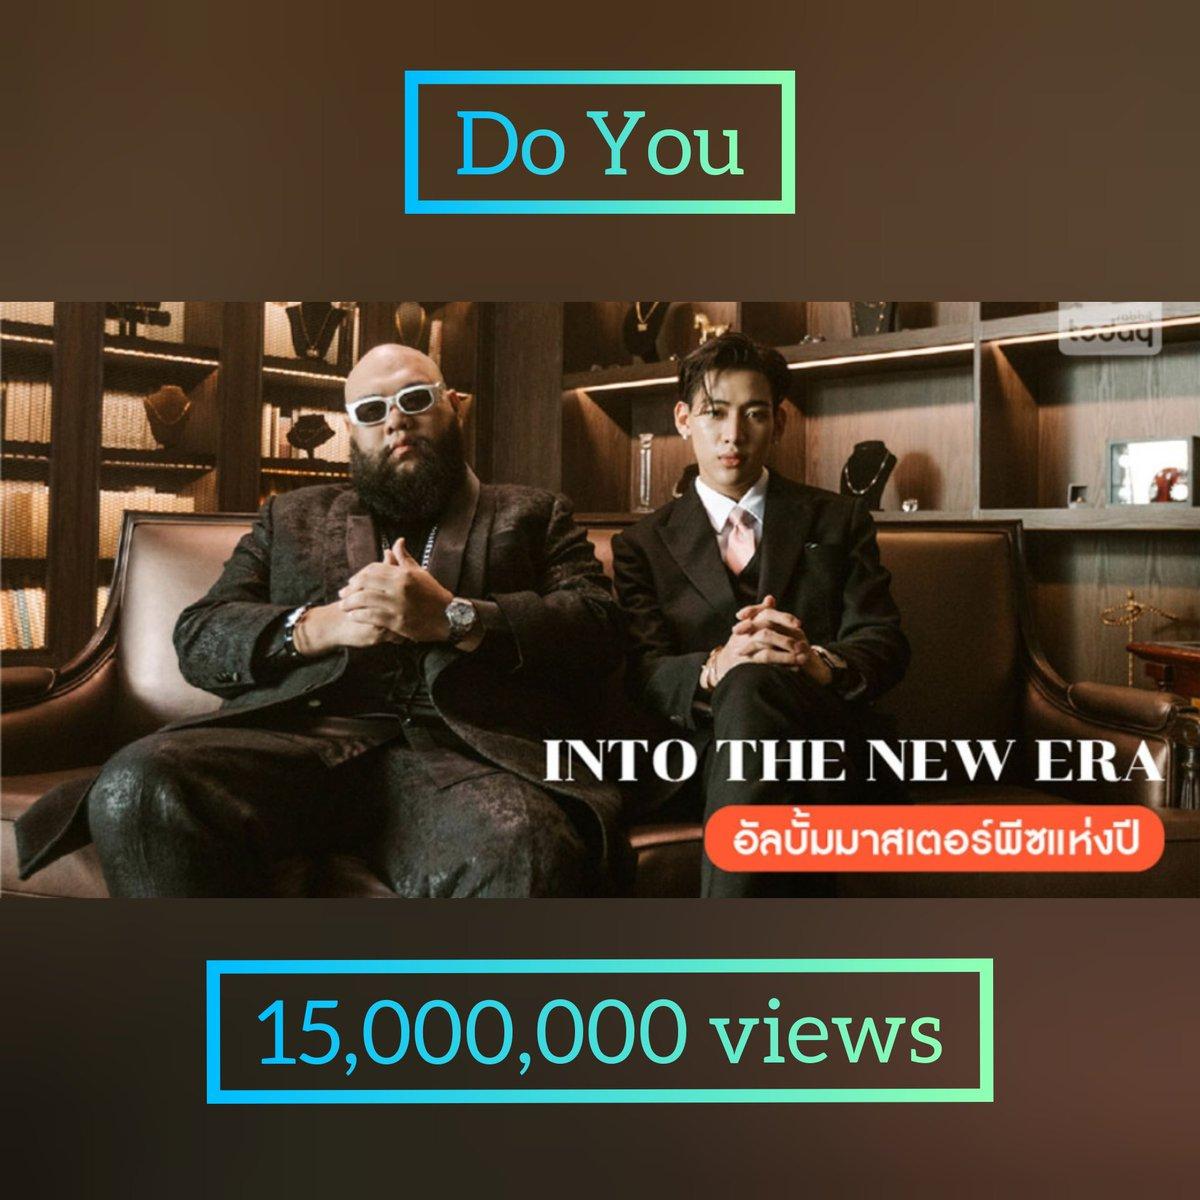 """""""Do You"""" ฟักกลิ้งฮีโร่ ft. BamBam GOT7  15/10 [Official Teaser]  859,674 views   16/10 [Official MV]  15,023,310 views  https:// youtu.be/Ra6NiSd3OgU      22/10 [Official Lyrics]  629,486 views  30/10 [Behind The Dest]  31,169 views   #DoYouFHEROxBamBam #BamBam #GOT7  #FHERO<br>http://pic.twitter.com/lKozpoKDTN"""